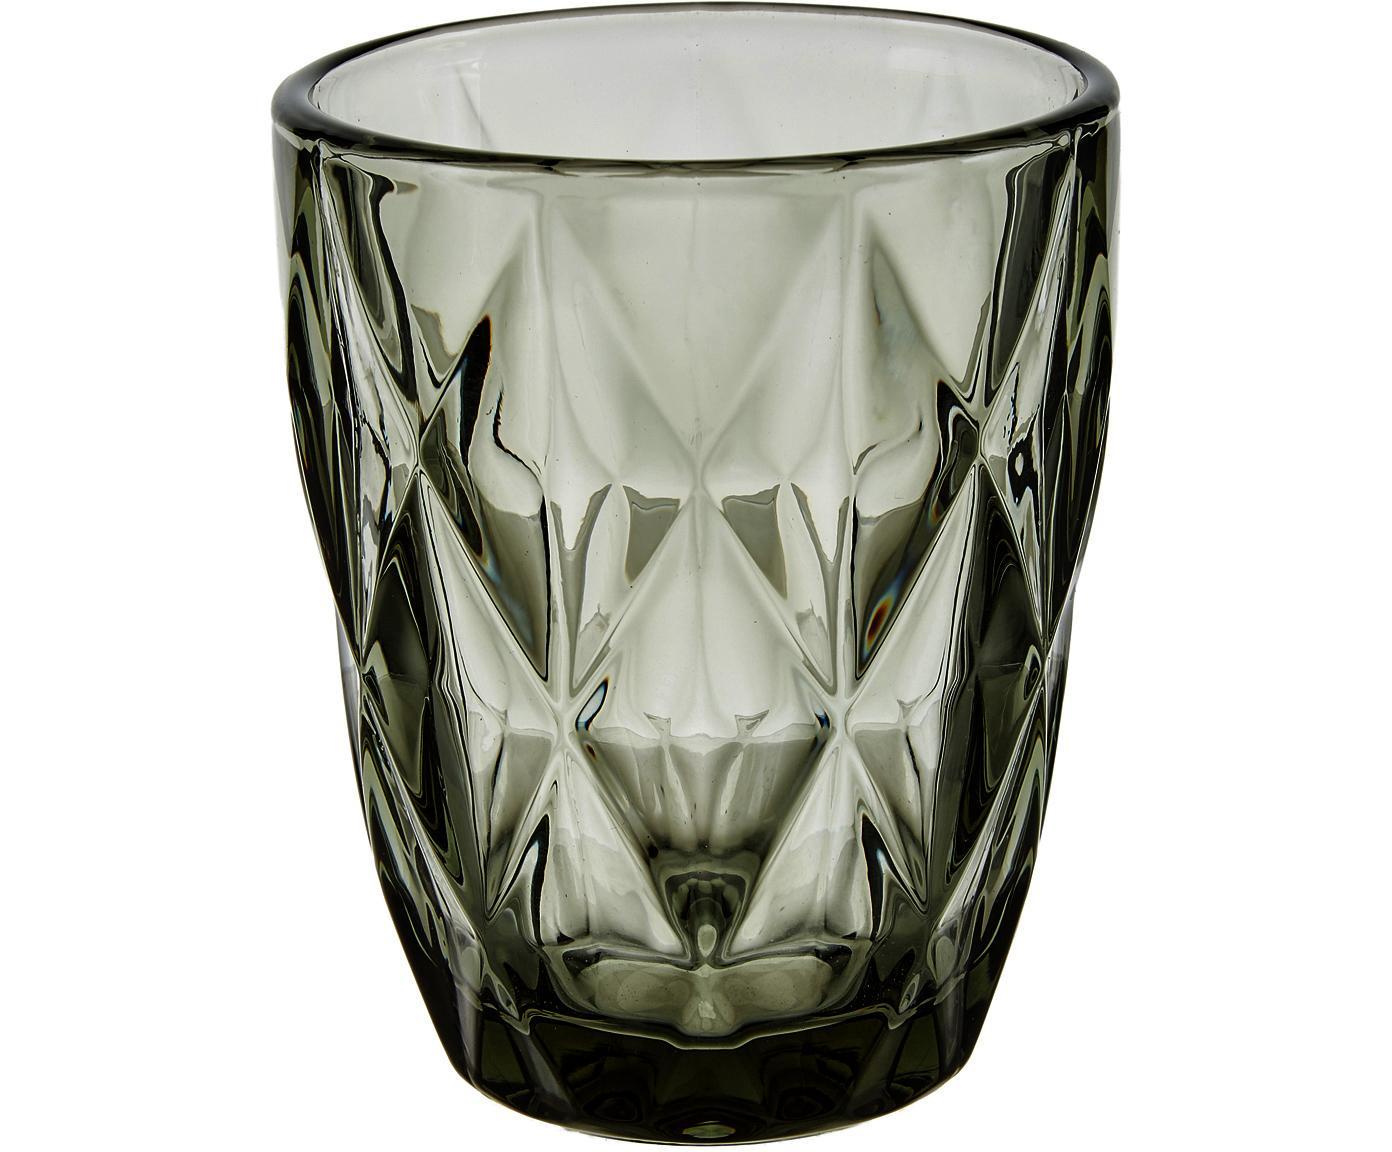 Wassergläser Colorado mit Strukturmuster, 4 Stück, Glas, Grau, Transparent, ∅ 8 x H 10 cm